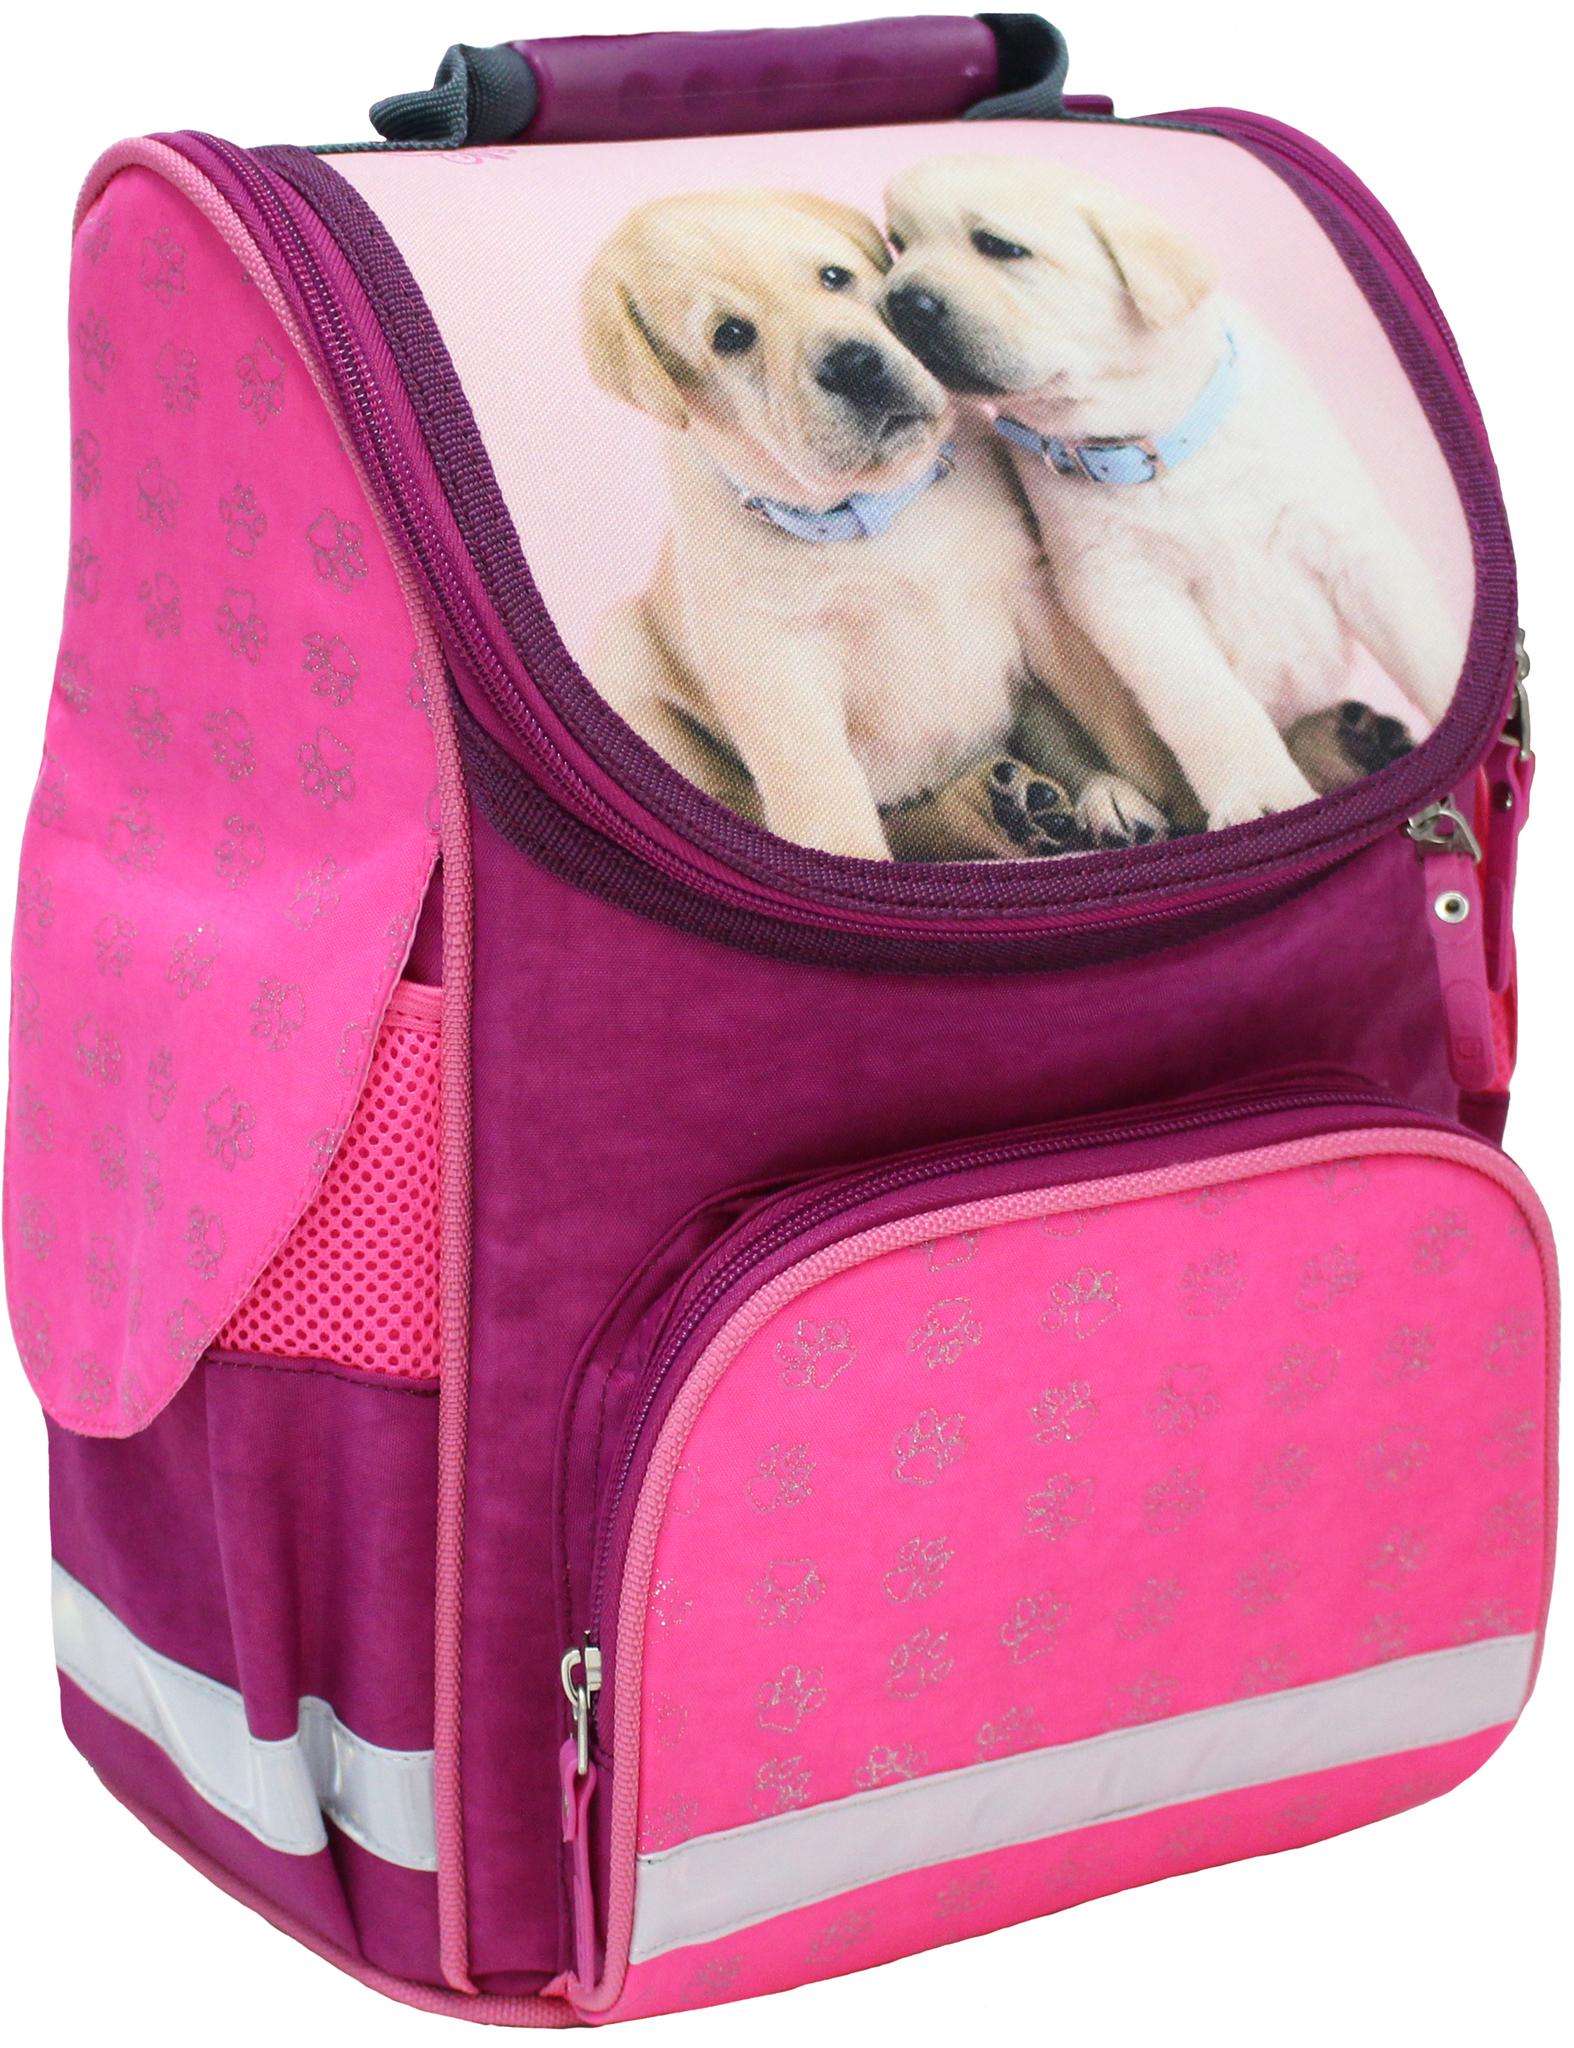 Школьные рюкзаки Рюкзак школьный каркасный Bagland Успех 12 л. 143 малина 118 д (00551702) IMG_4776.JPG